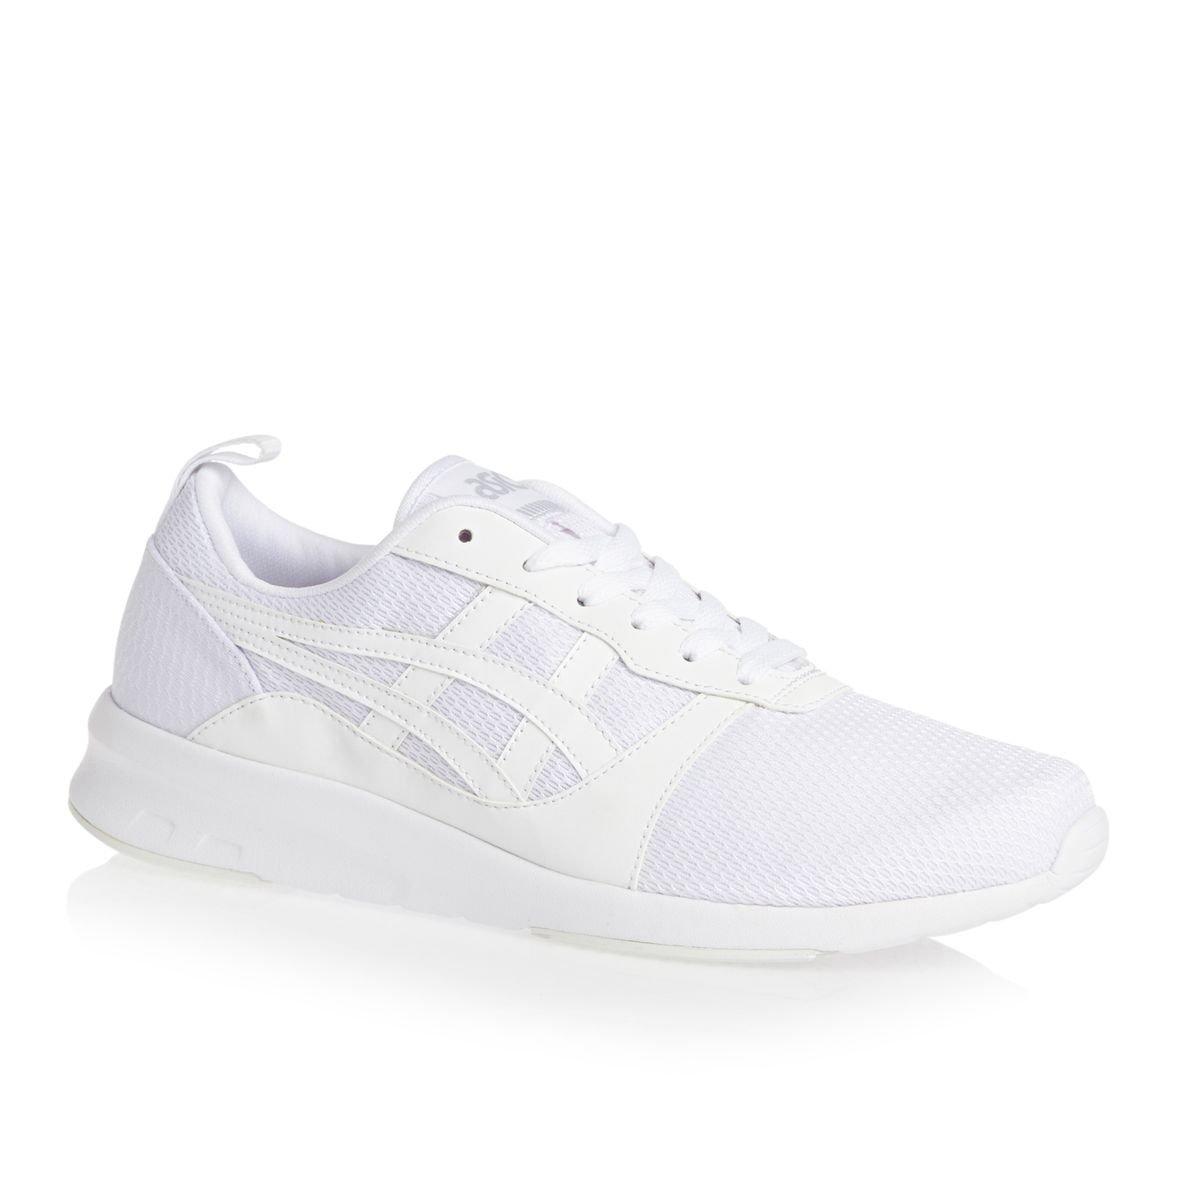 Asics H7g1n 0101, Zapatillas de Deporte Unisex Adulto 45 EU|White-White